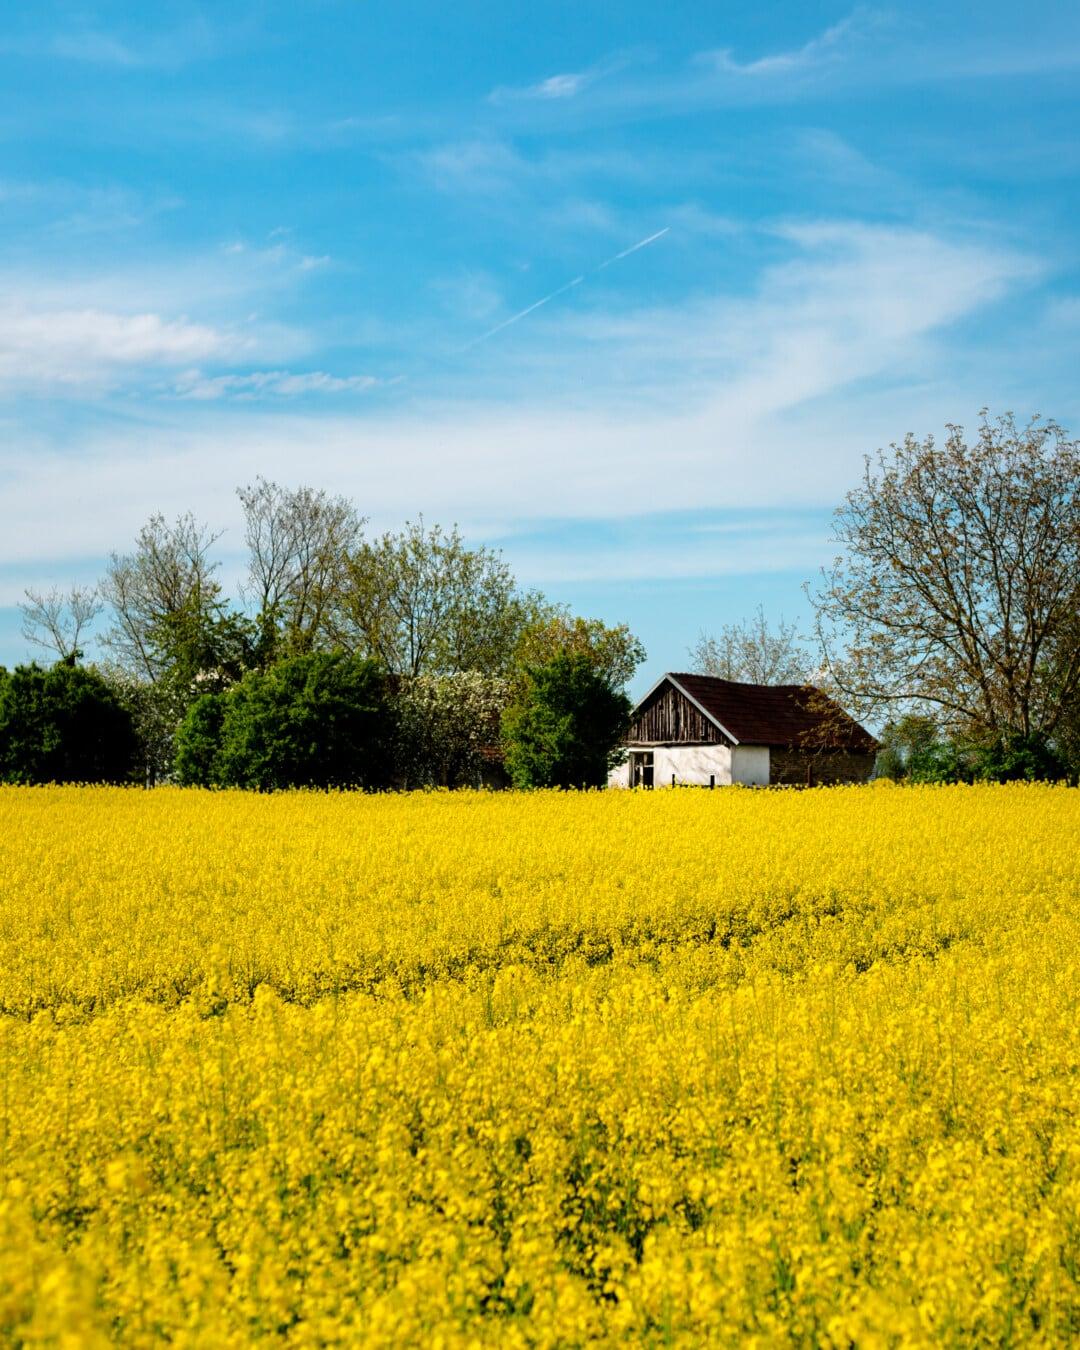 les terres agricoles, ferme, vieux, village, colza, Agriculture, domaine, rural, paysage, nature